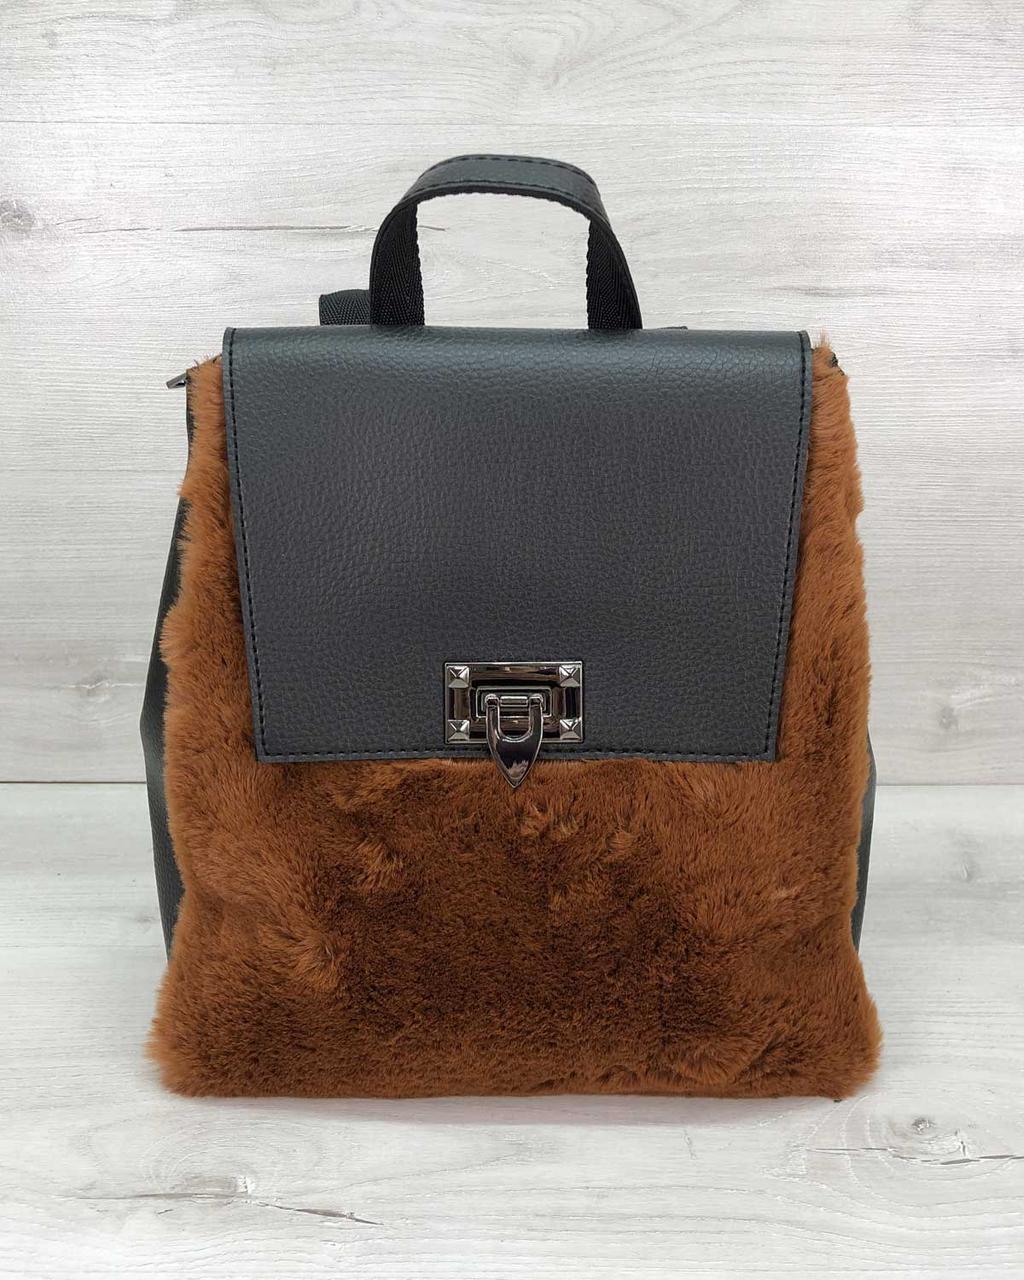 Стильный молодежный сумка-рюкзак женский городской повседневный Фаби черный с рыжим мехом